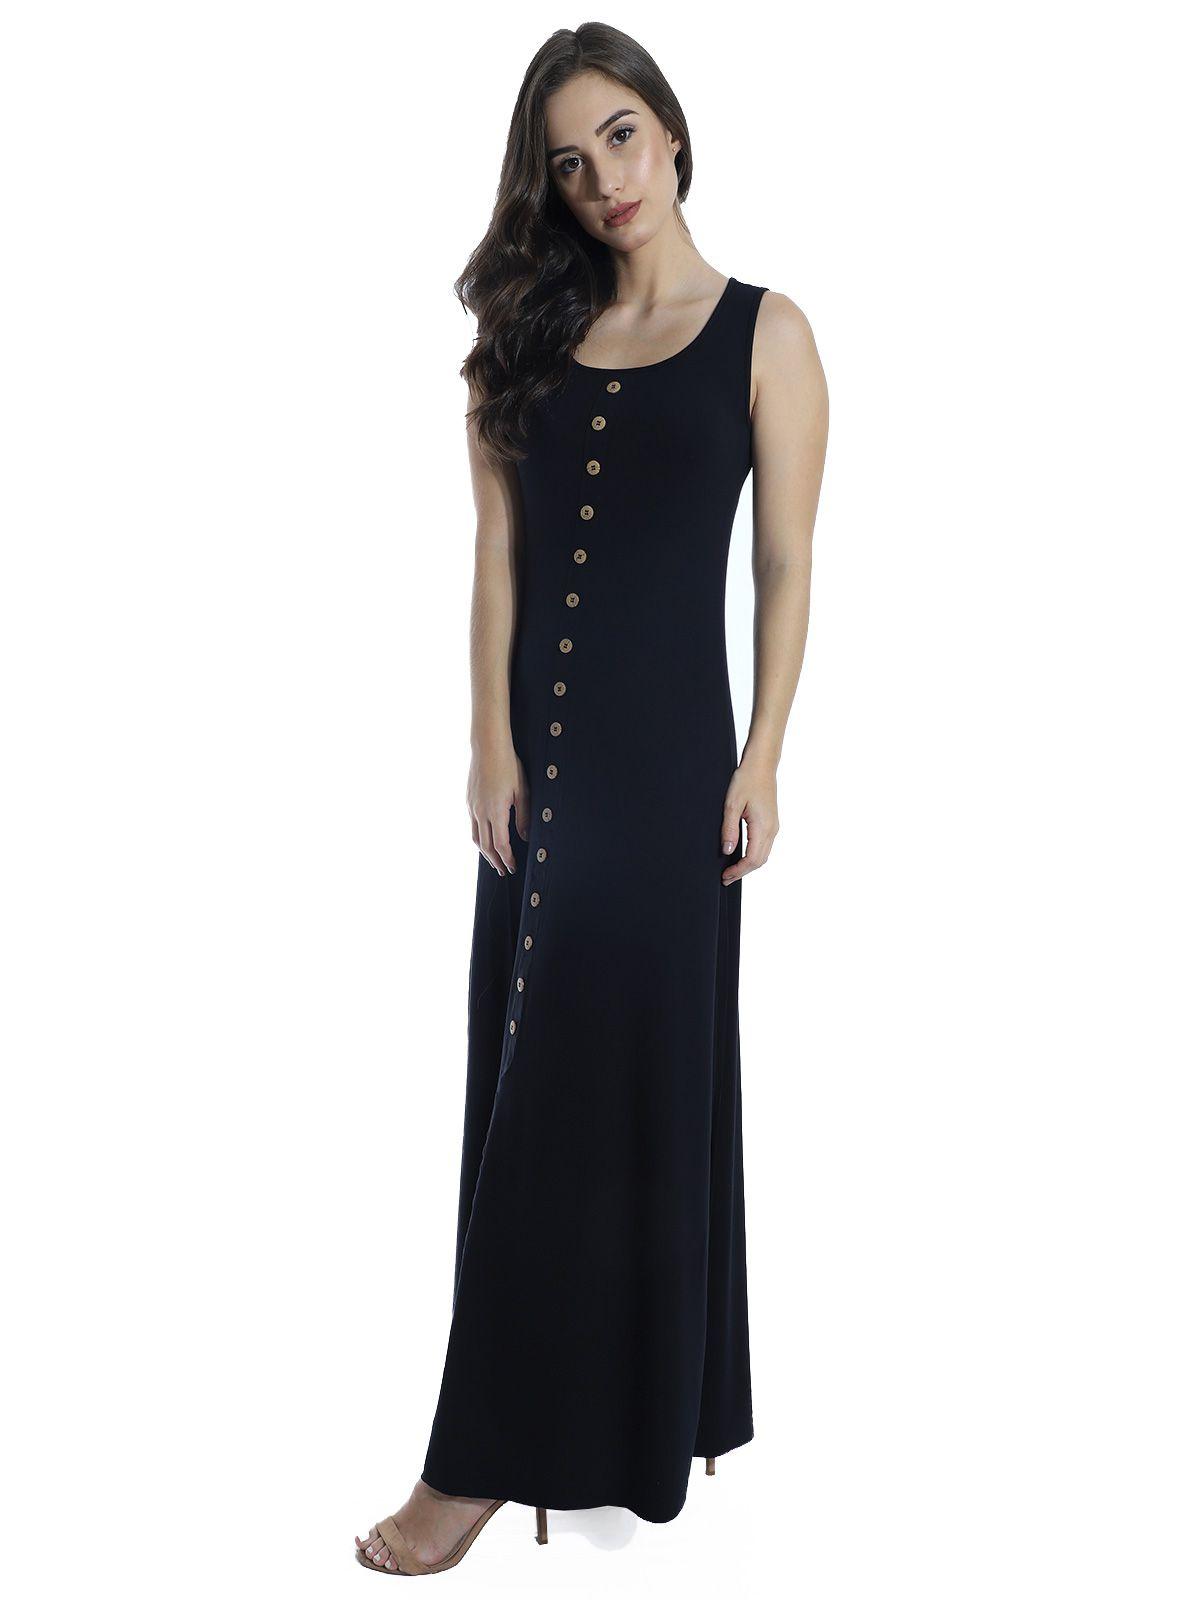 Vestido Anistia Longo Viscolycra com Botões Preto